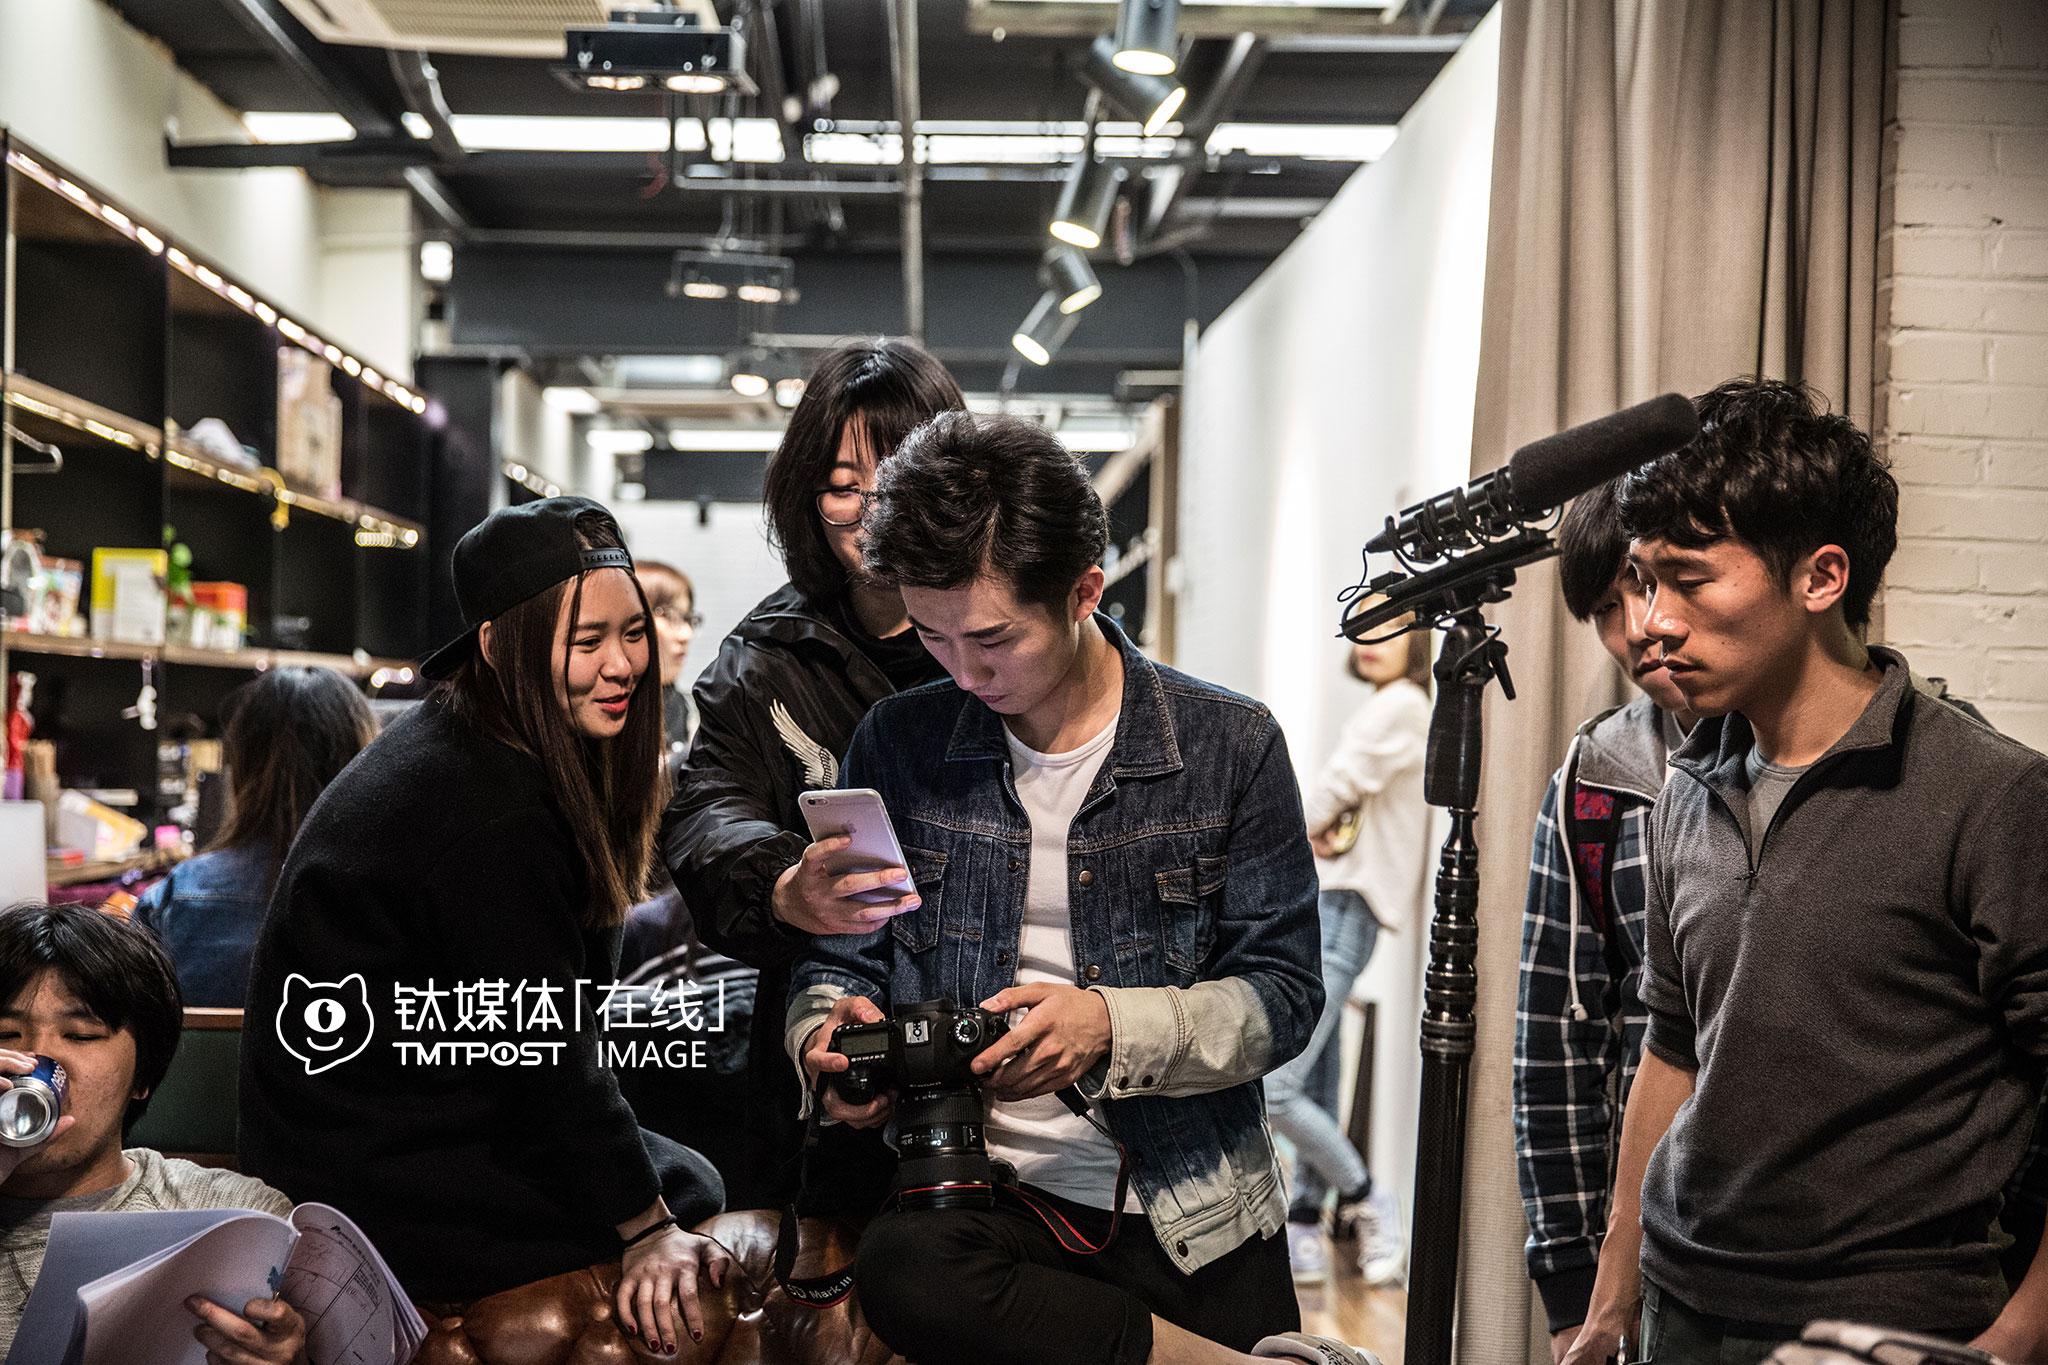 """拍摄间隙,摄影师和制片人提供照片给刘循子墨选择,在微博和微信上发布,进行拍摄进行中实时的""""滚动播报""""。"""